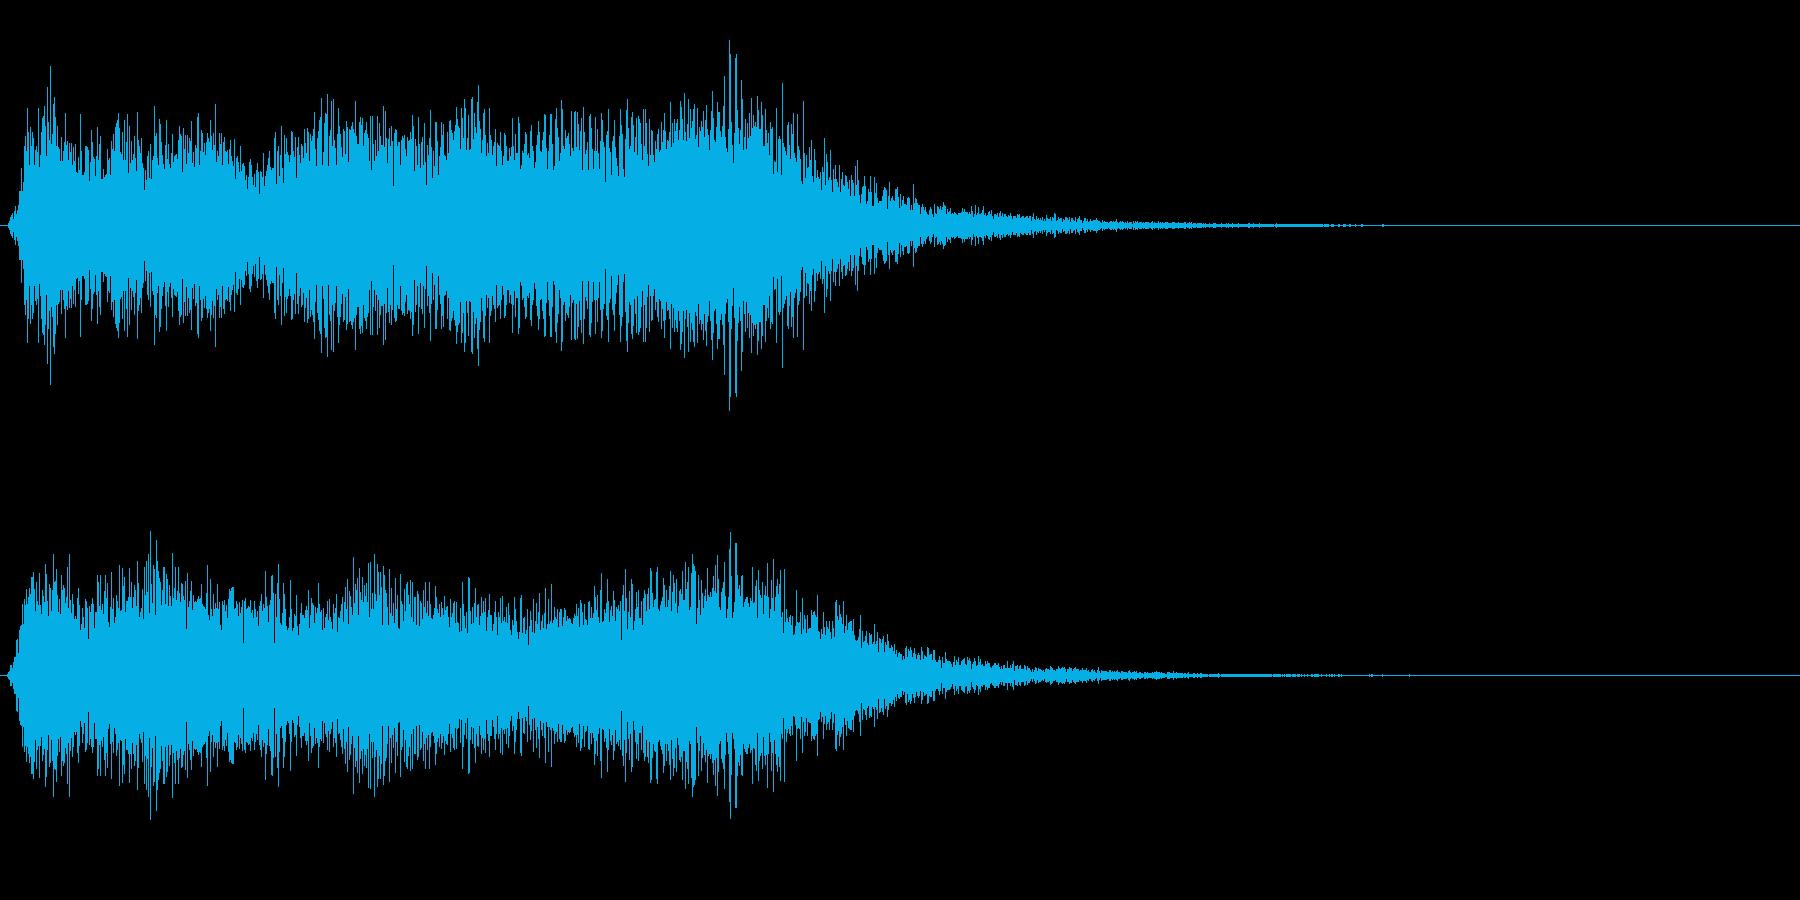 シンプルなファンファーレ:ジャジャーン!の再生済みの波形